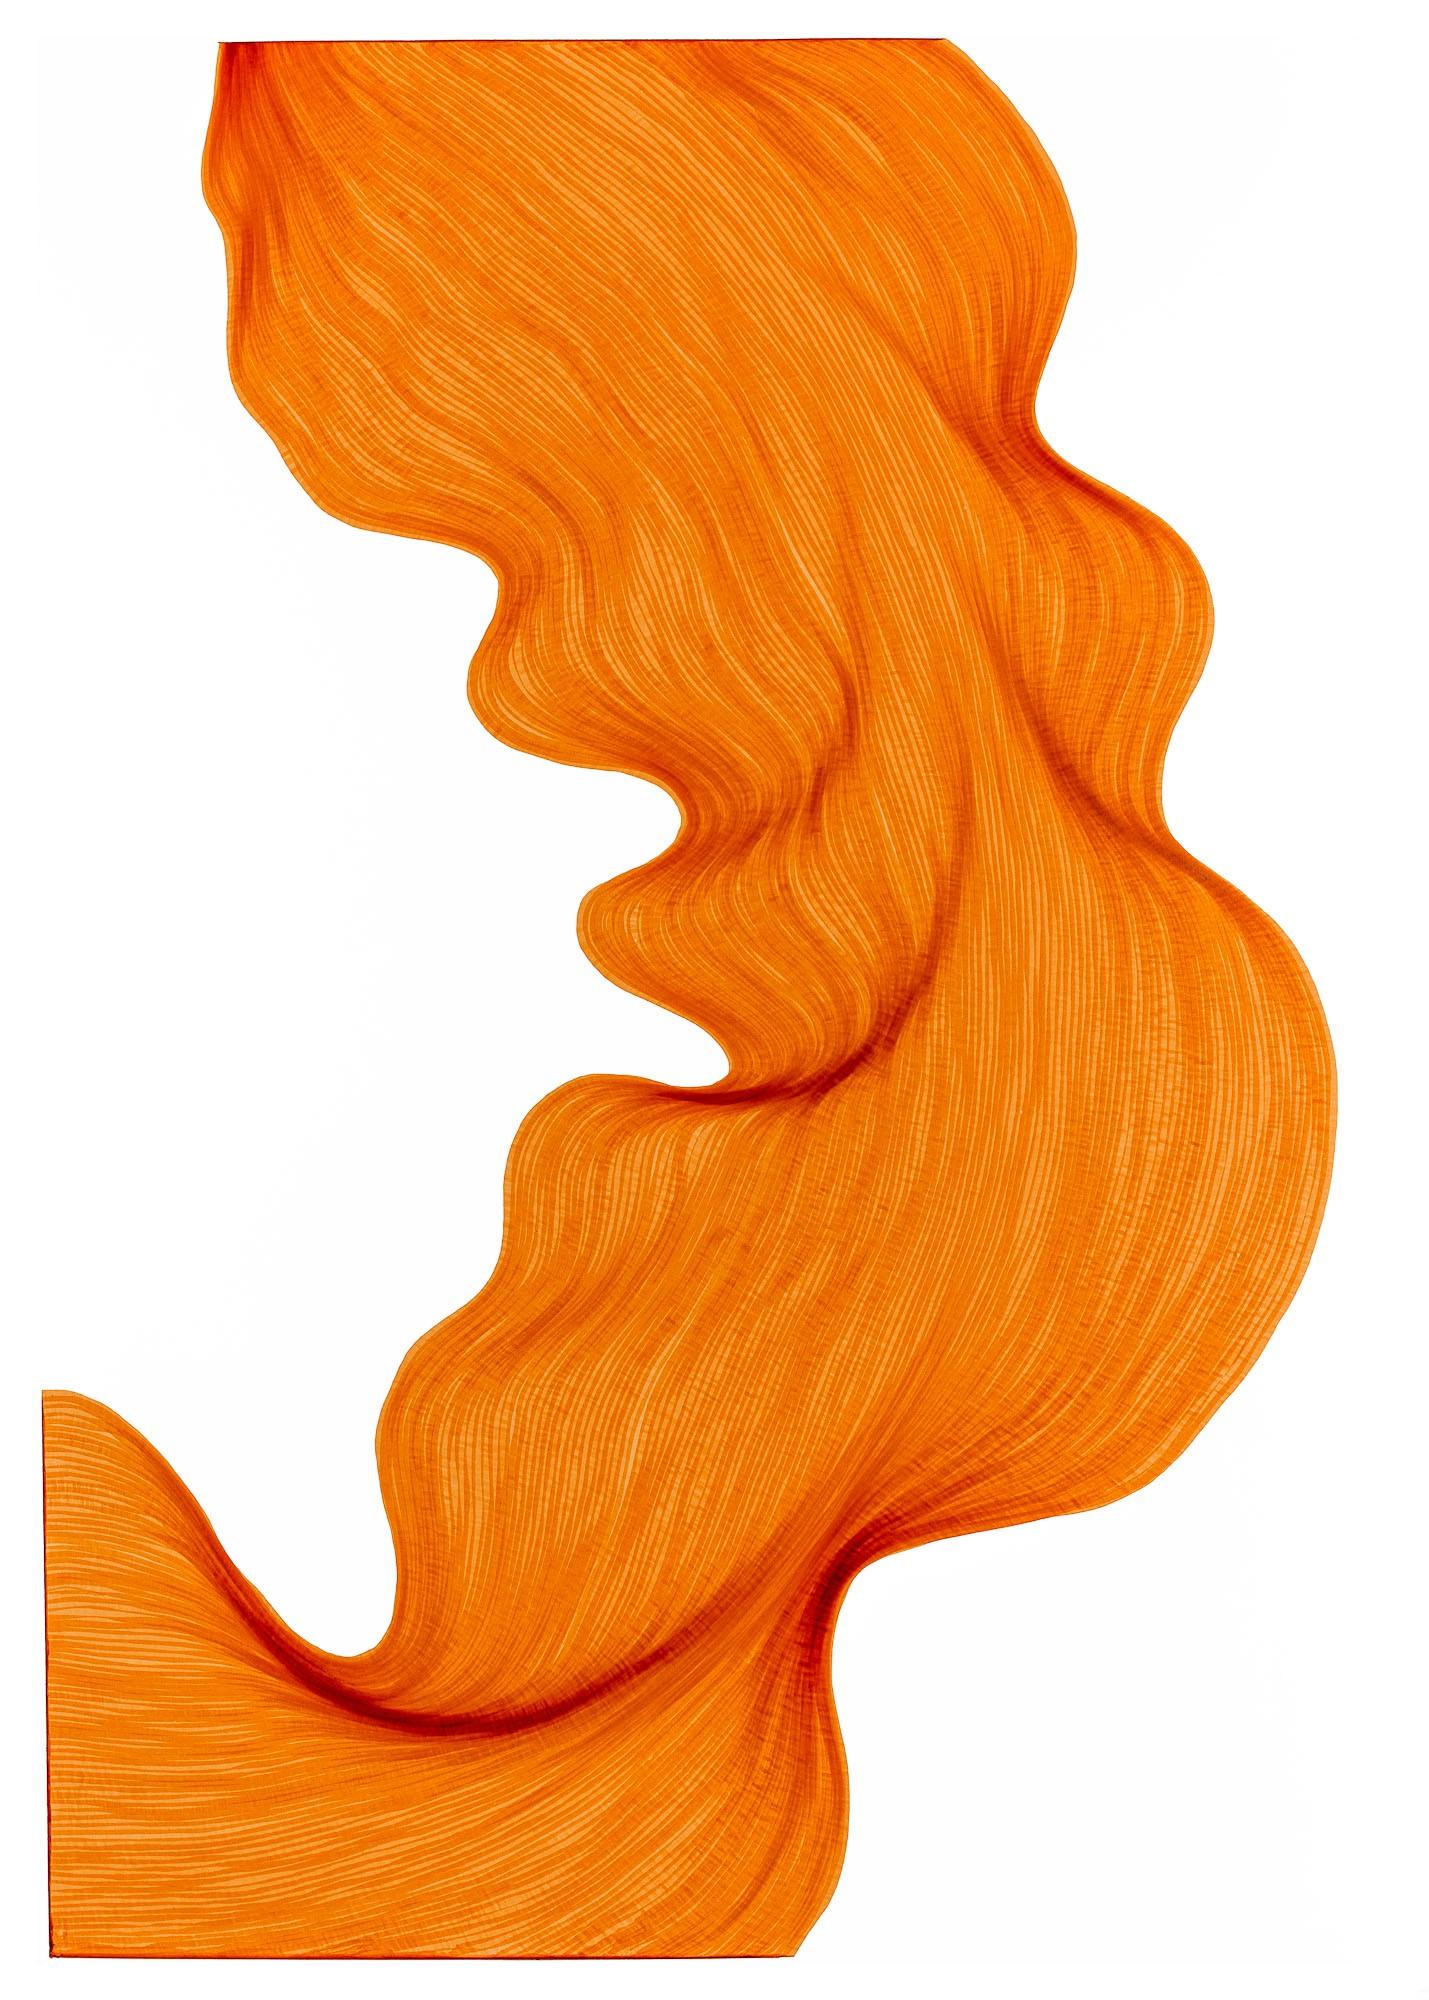 Bubbly Orange   Lali Torma   Zeichnung   Kalligraphie Tinte auf Papier